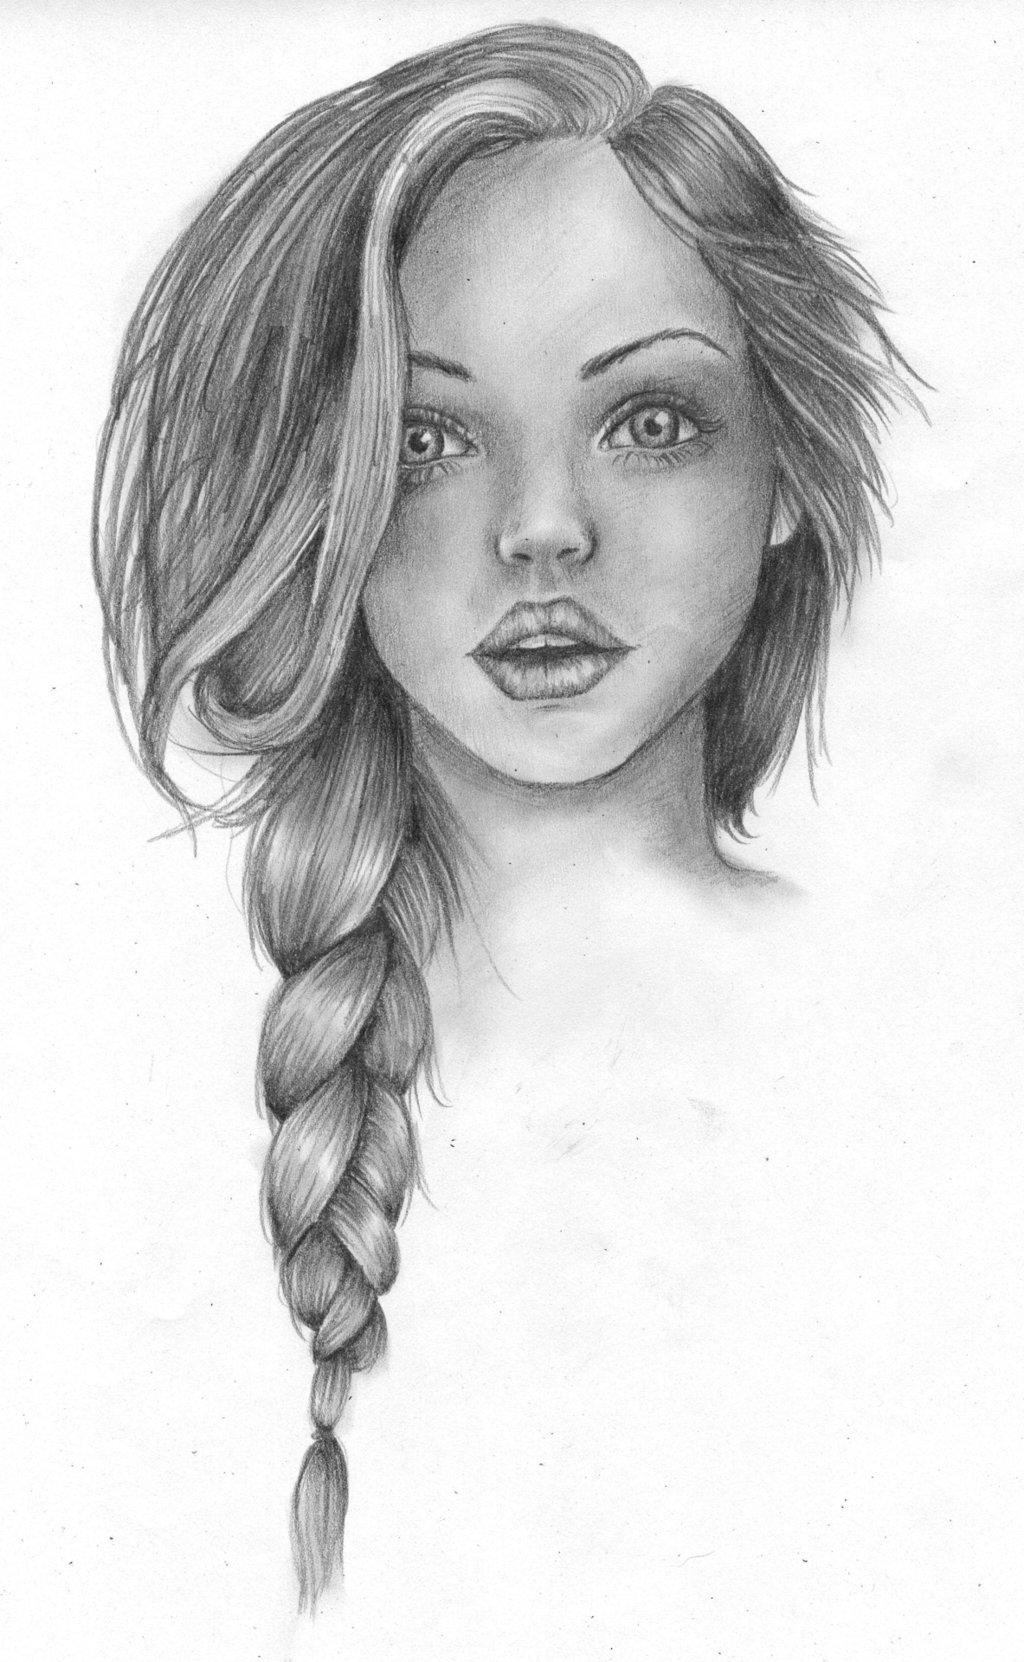 بالصور رسومات بنات جميلة , اسكتشات سهلة الرسم بالقلم الرصاص لوجوه فتيات رقيقة 1363 3